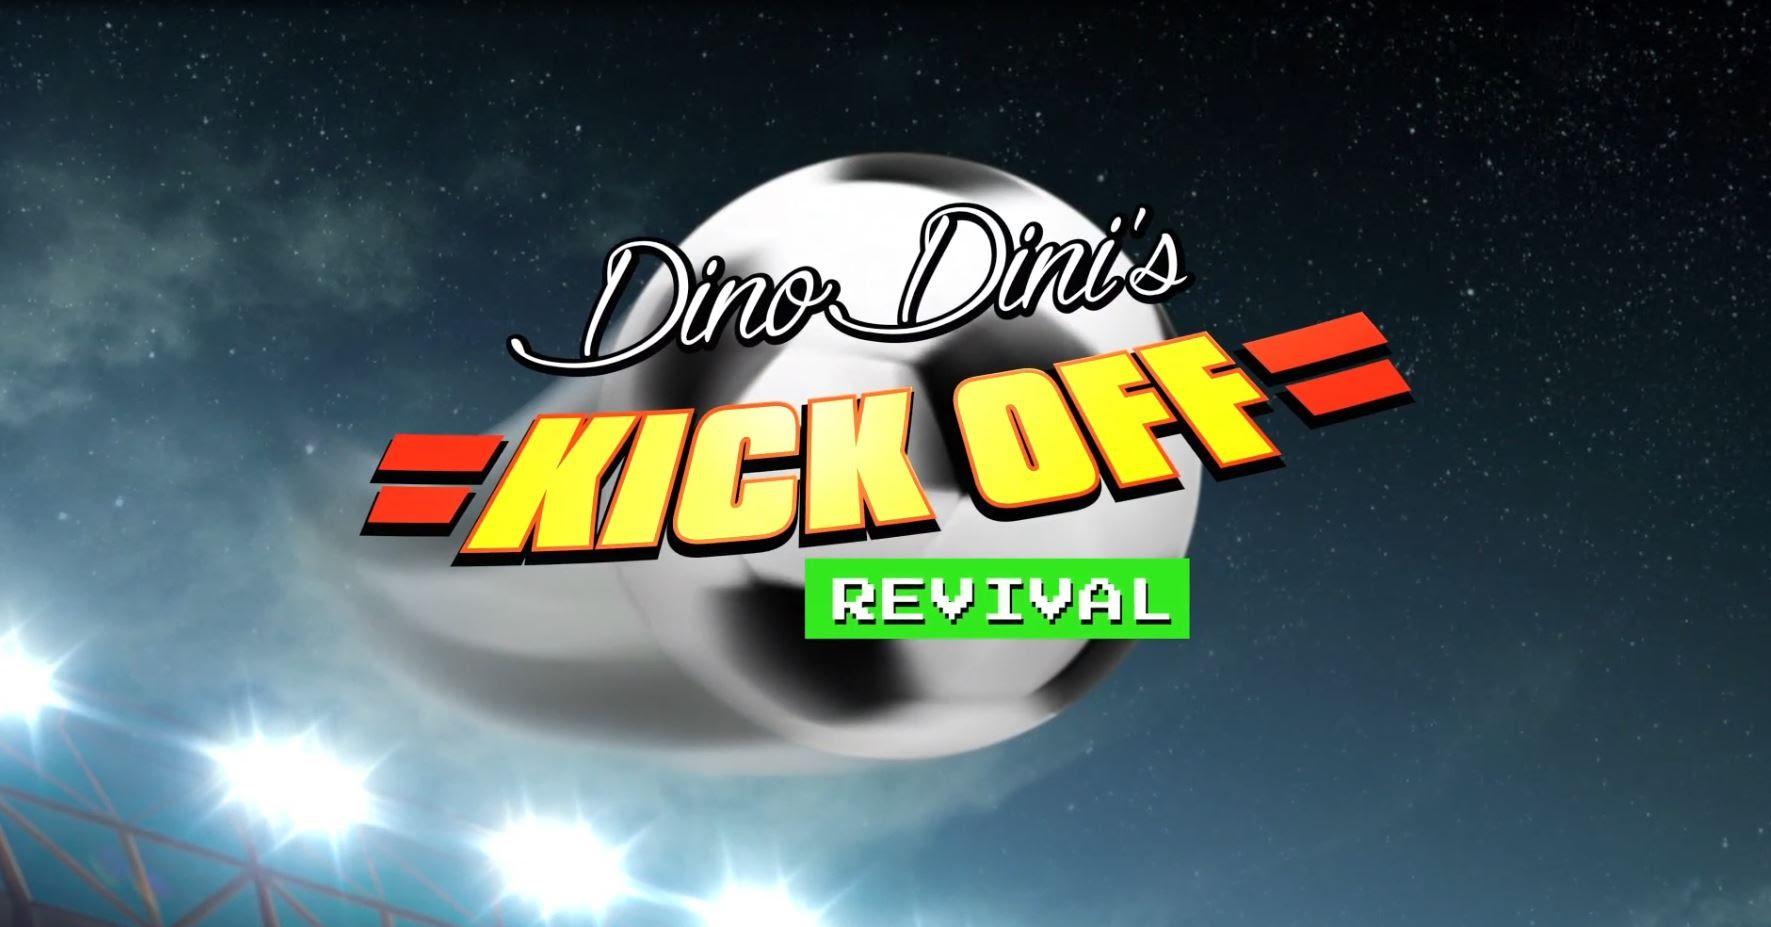 Resultado de imagem para Dino Dini's Kick Off Revival